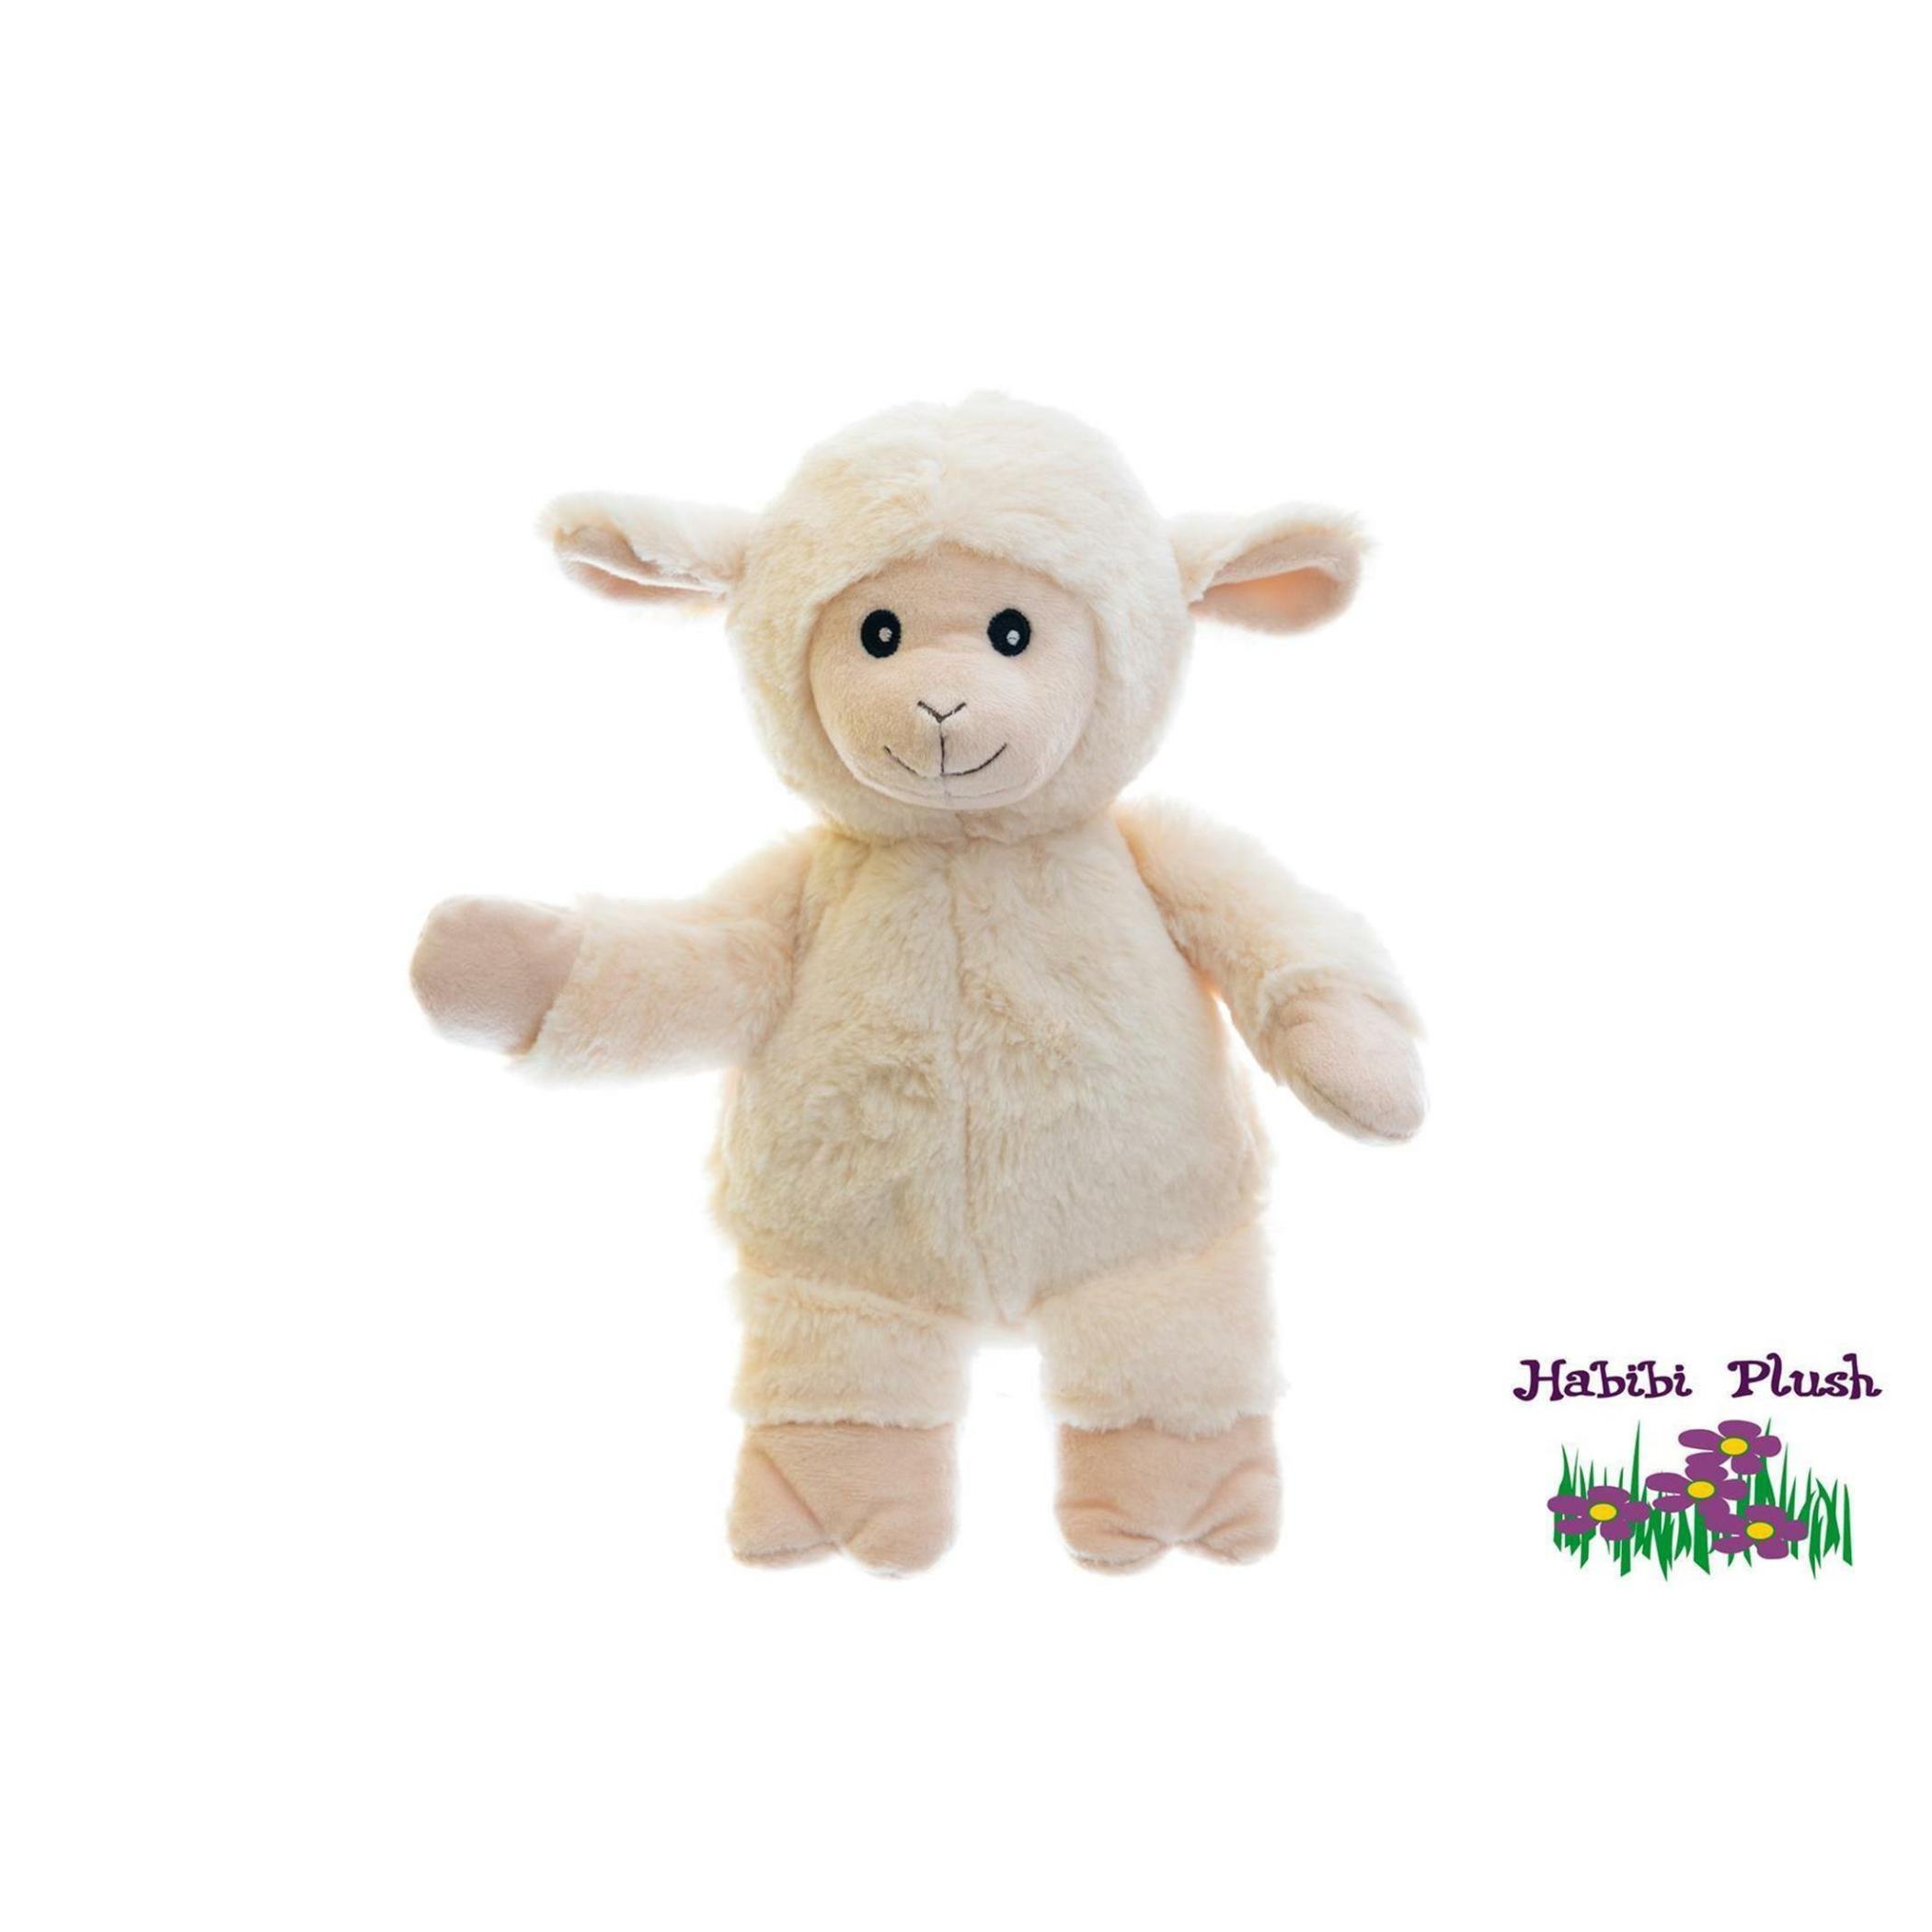 Habibi Plush : Schaf mit Klettverschluss